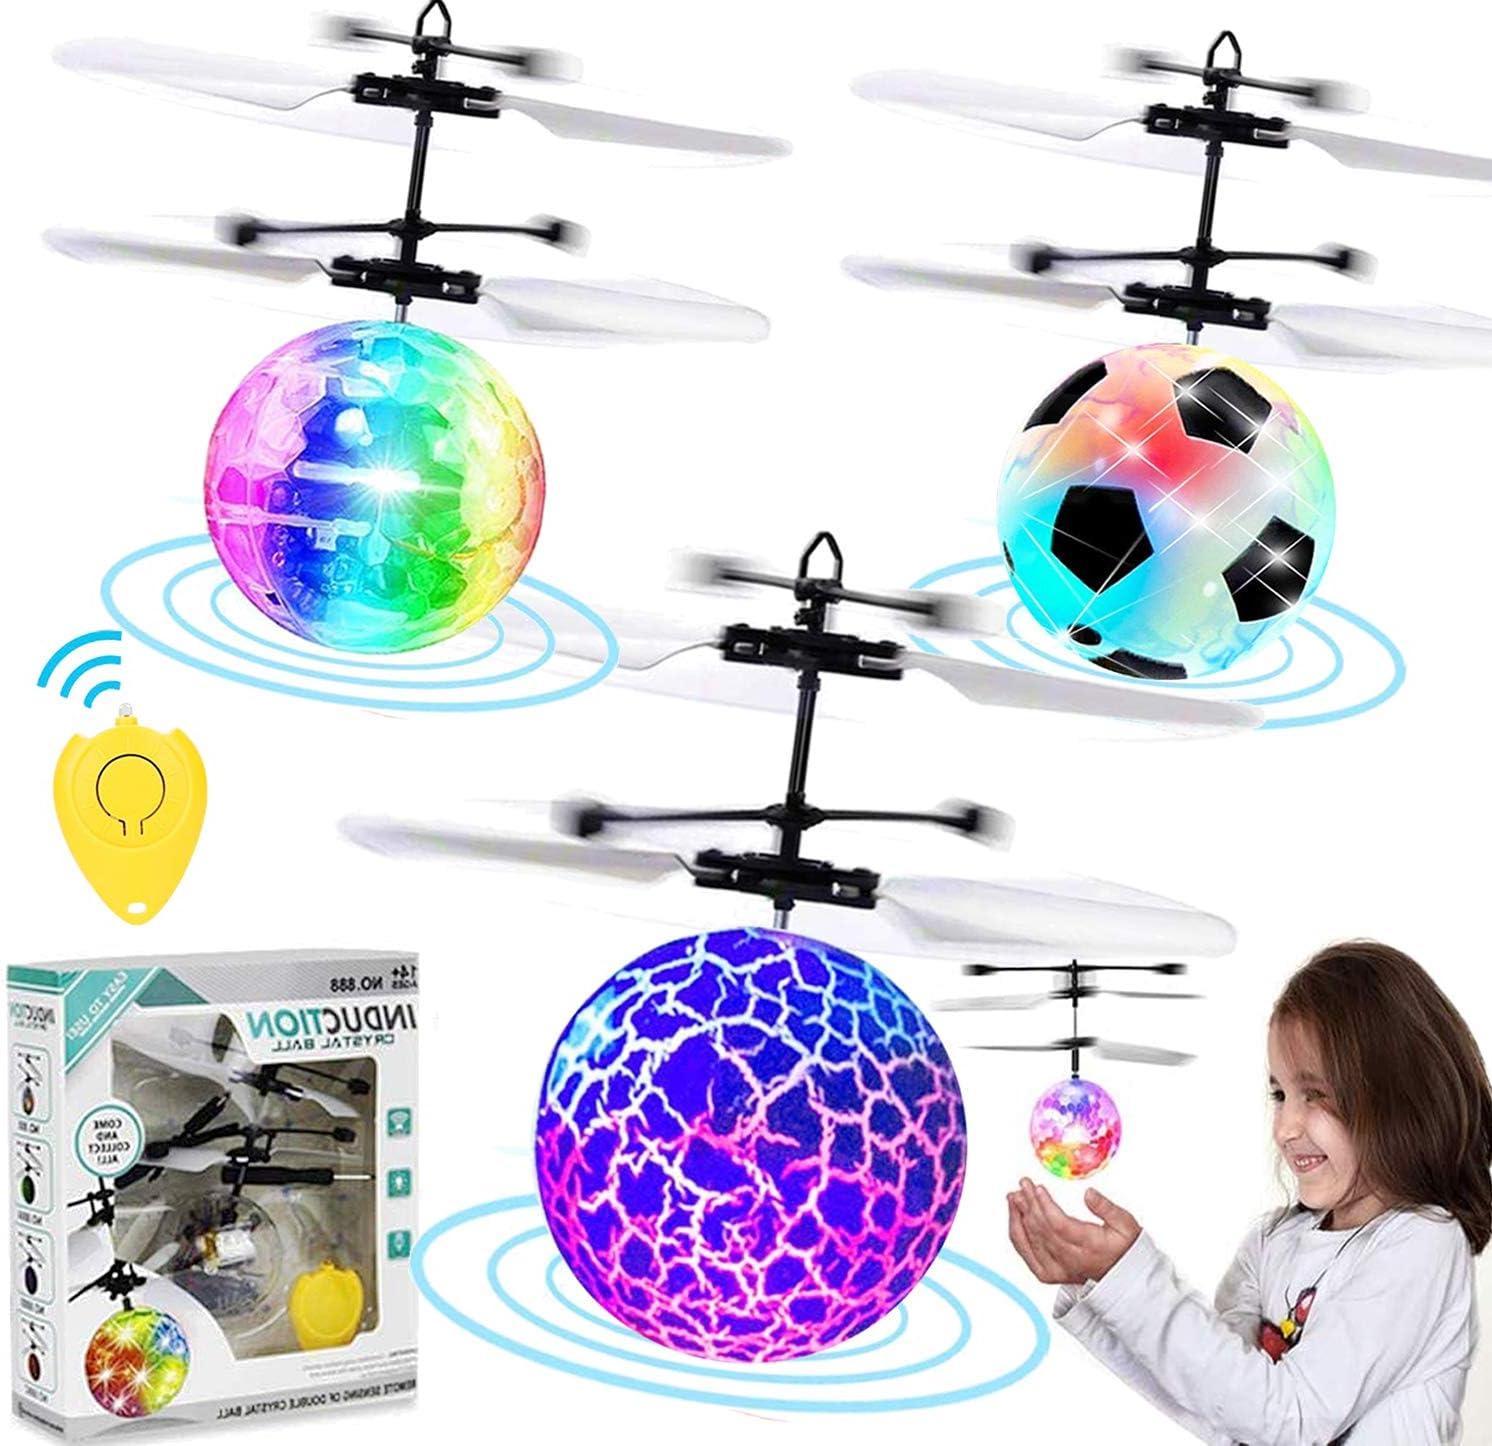 IGoGo-Crystal Ball Toy Wheel with LED Light radioc helicopter